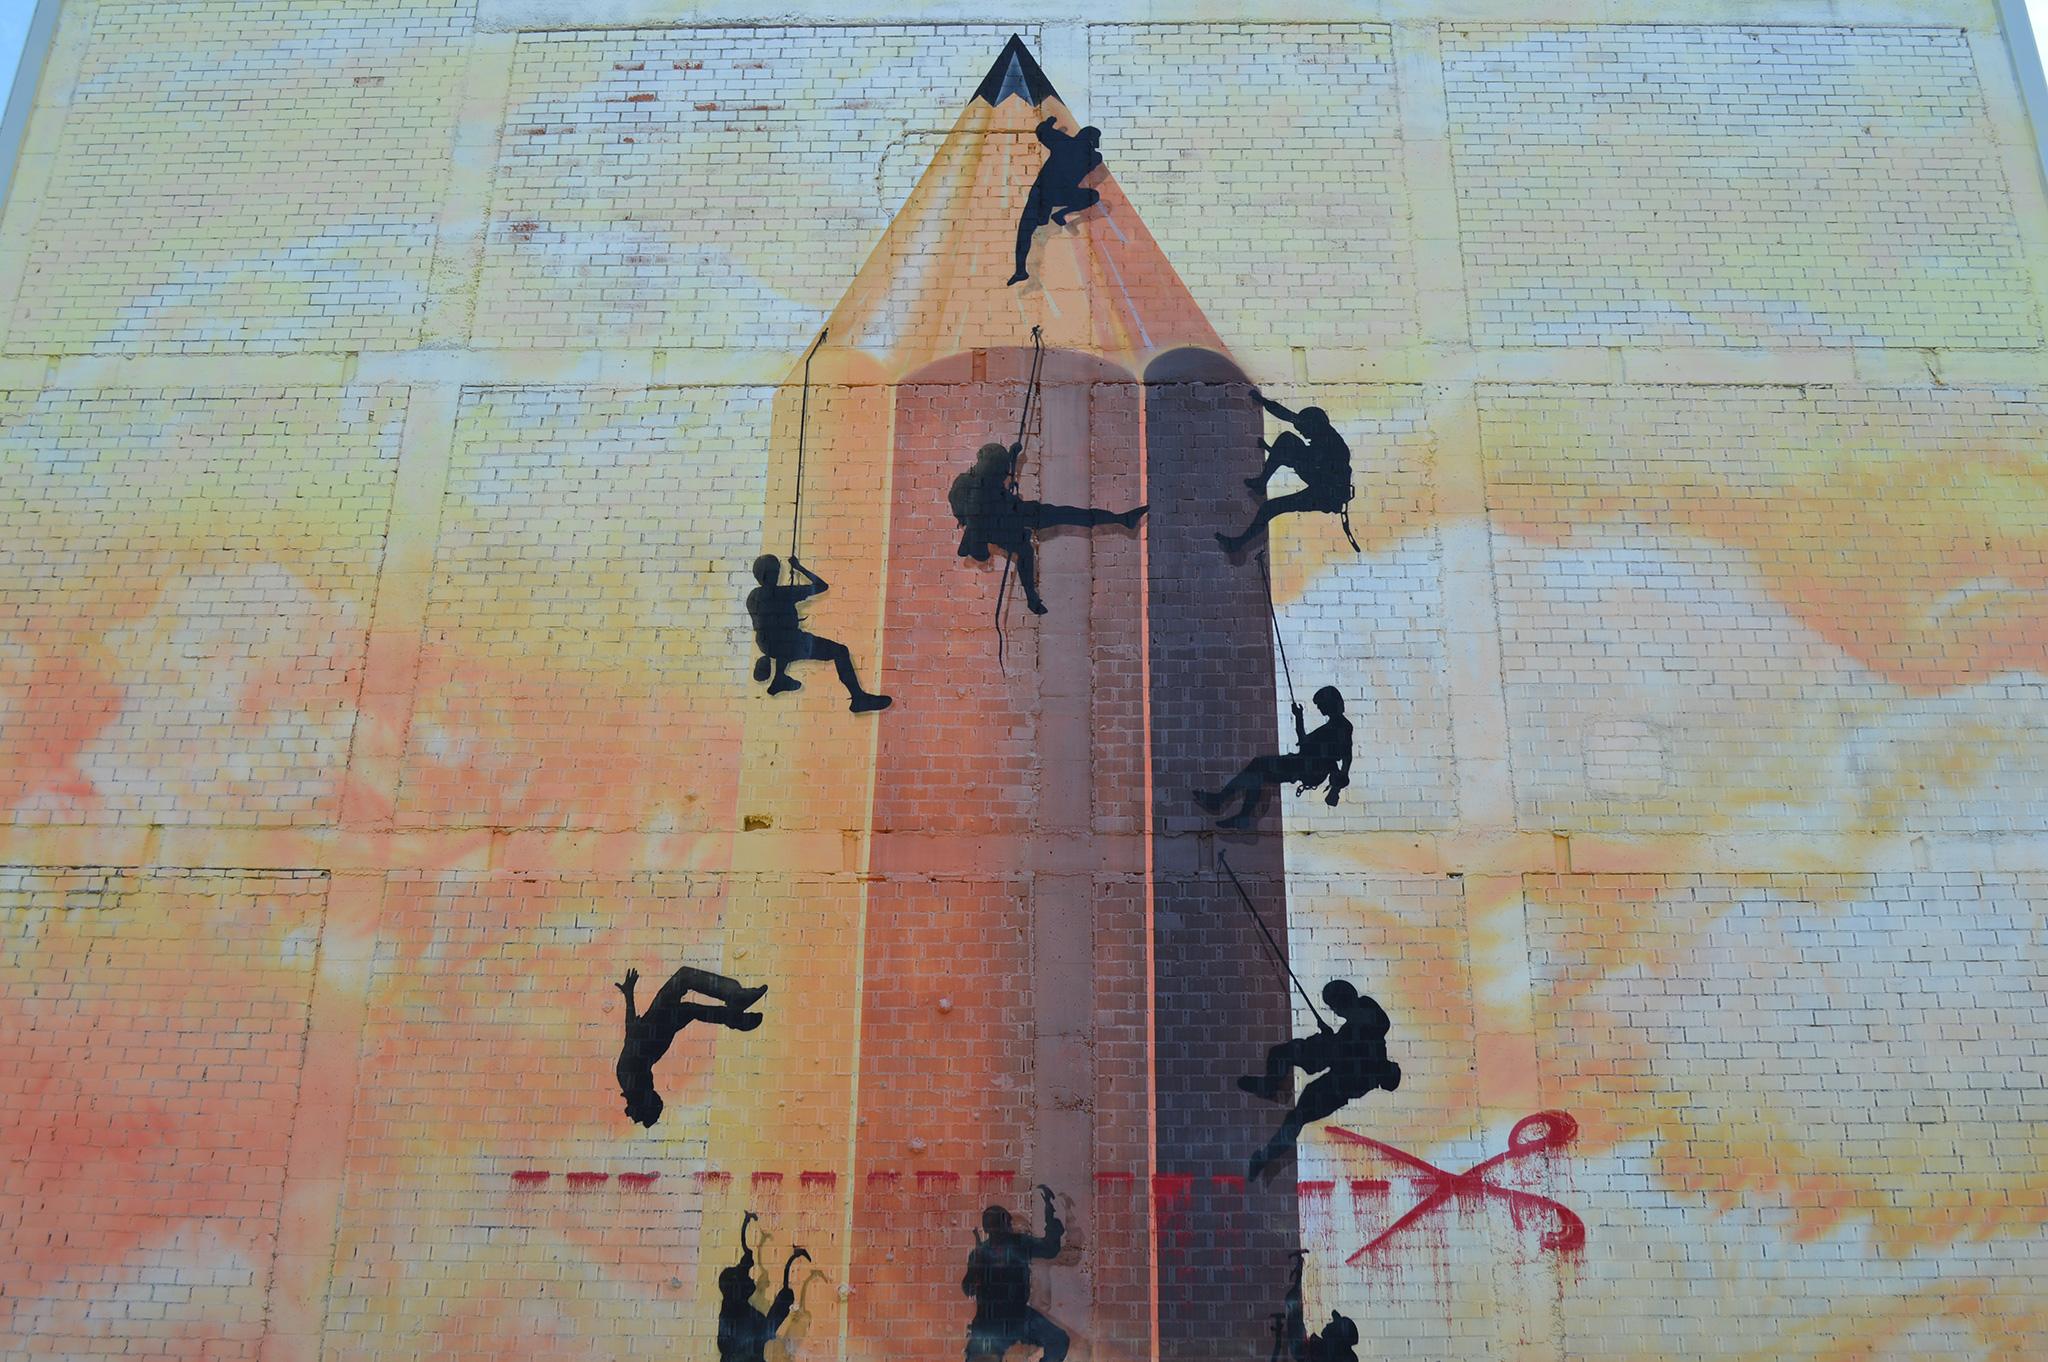 Foto principal mural O lapis do grafiteiro